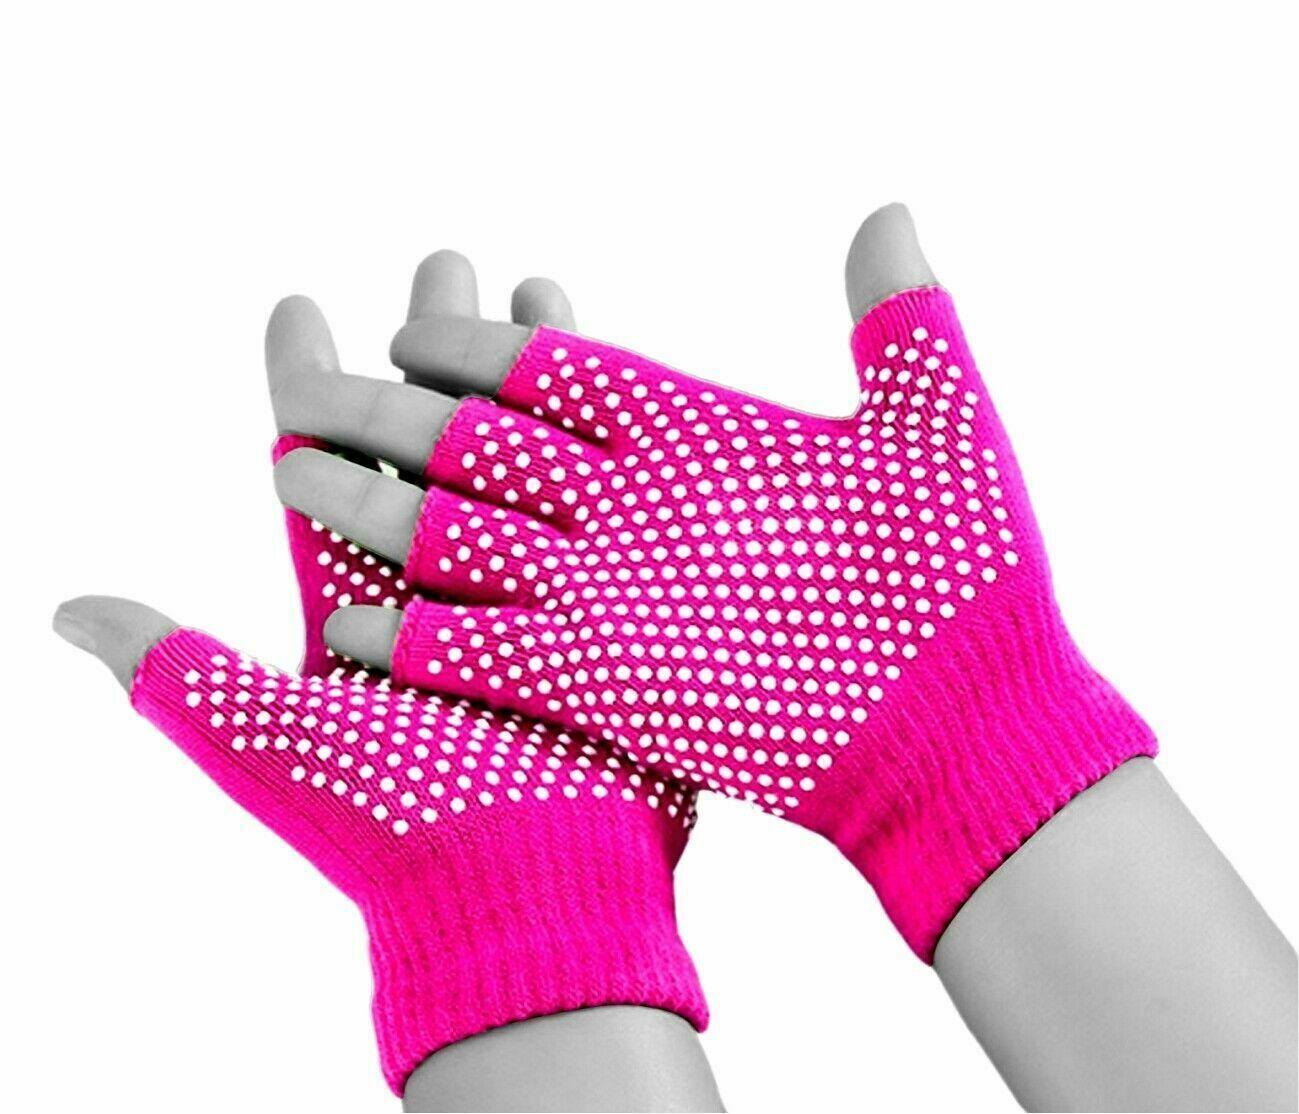 Adulto Invierno Térmico Dedo Cortado Antideslizante Guantes de Pesca de trabajo de agarre mujeres Stretch